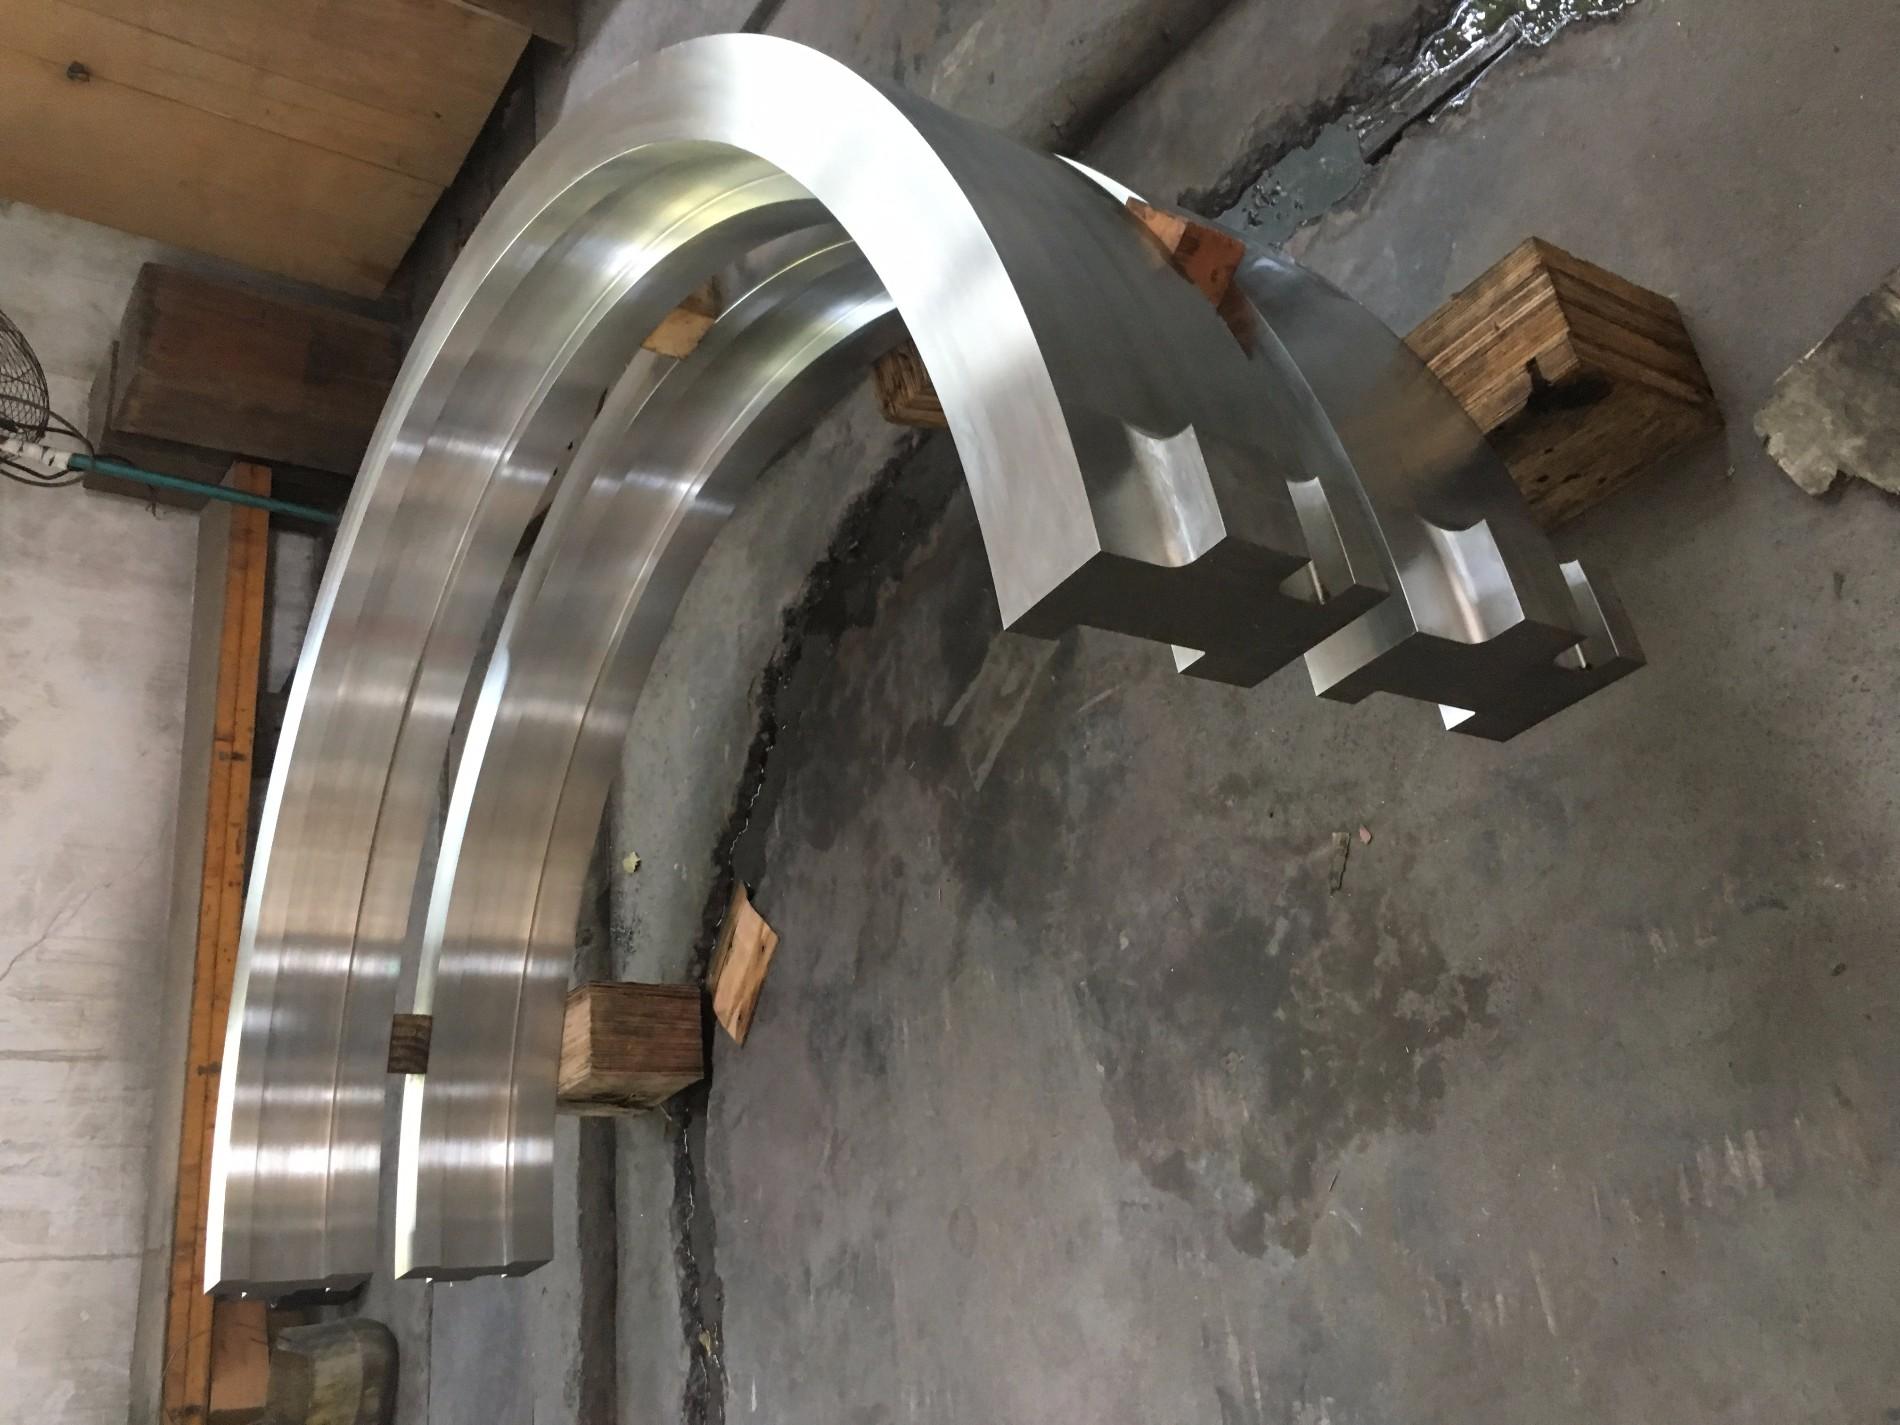 Sealing Ring Forgings Manufacturers, Sealing Ring Forgings Factory, Supply Sealing Ring Forgings